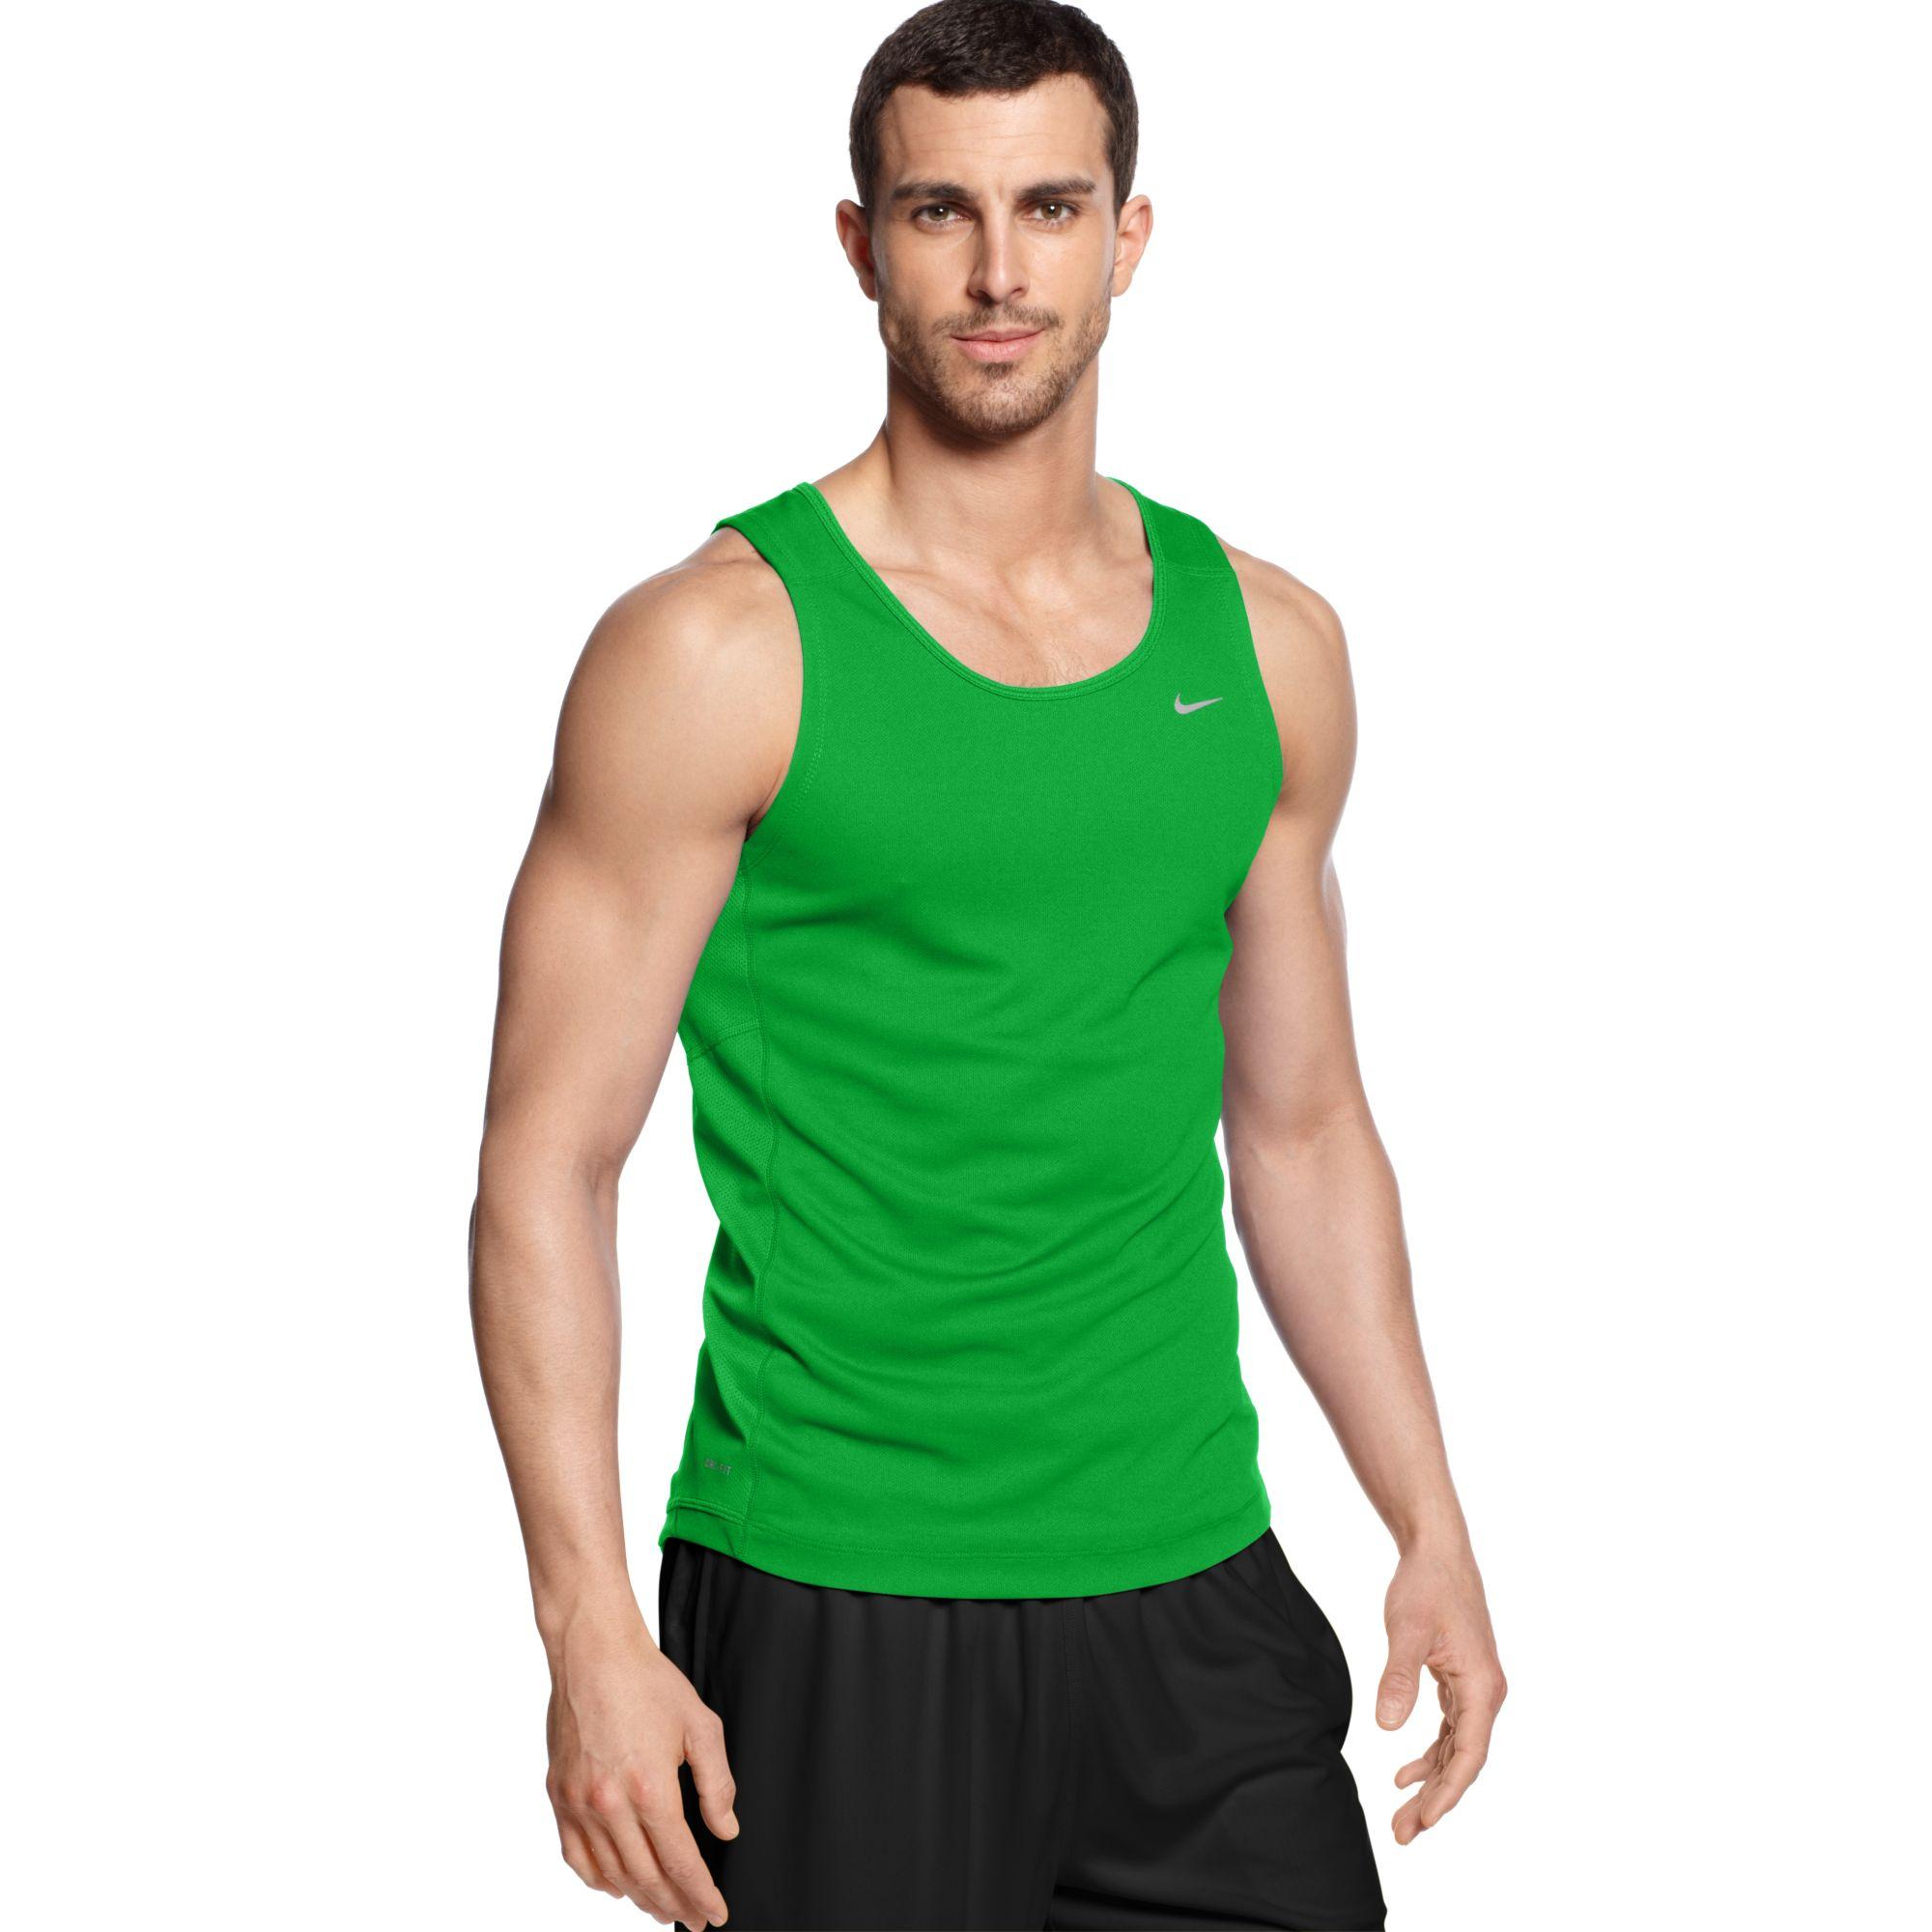 d5a30e6e64fe1 Lyst - Nike Miler Running Singlet in Green for Men